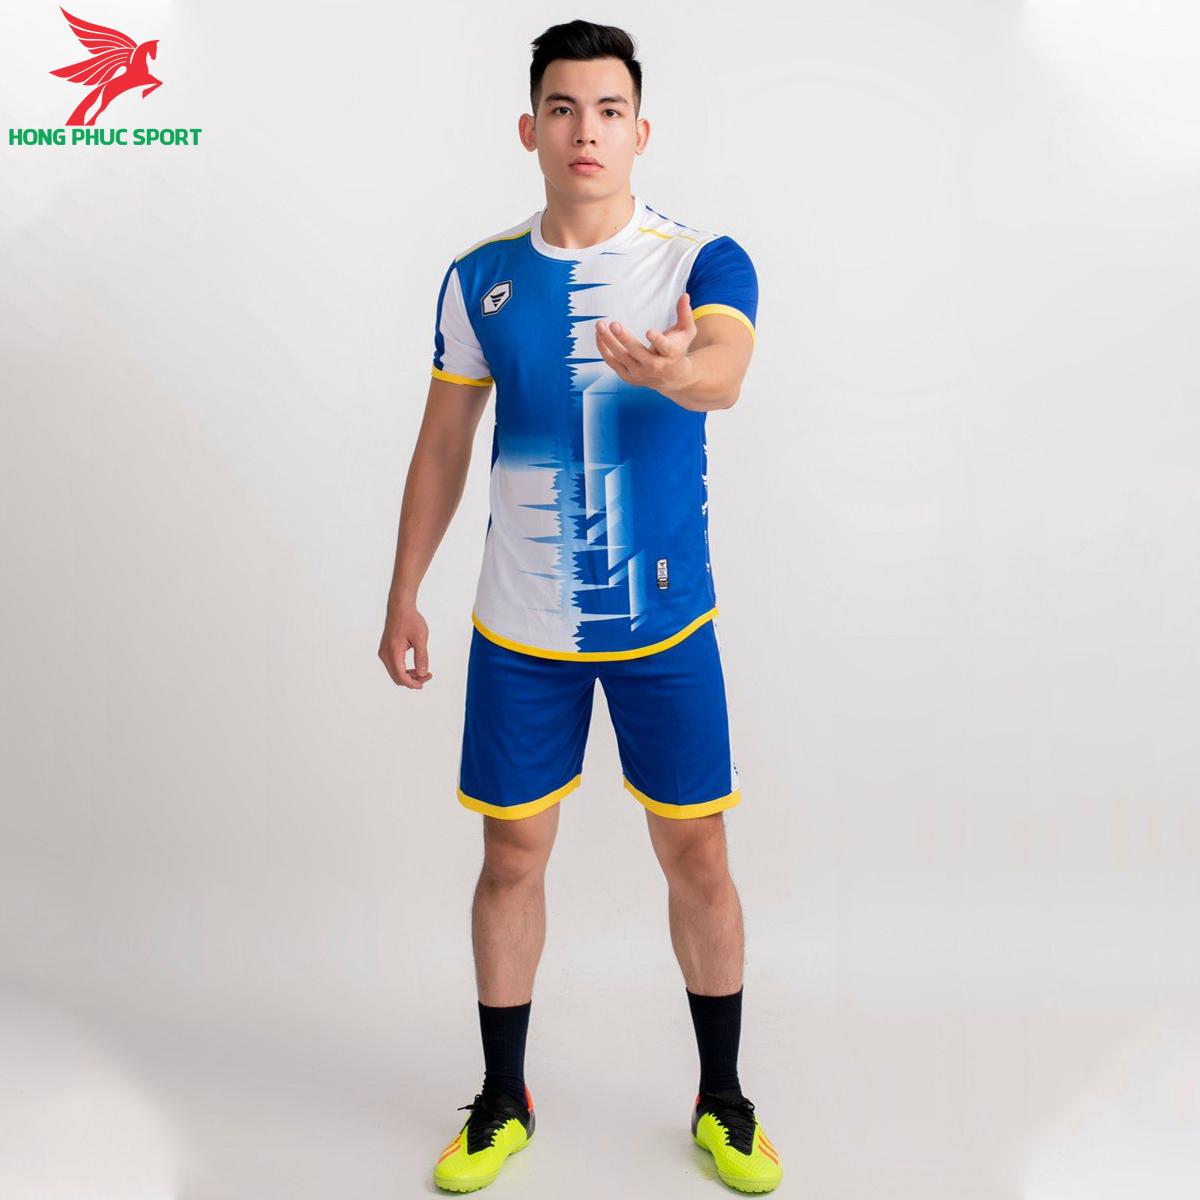 Áo bóng đá không logo TA-A09 màu Xanh dương phối Trắng